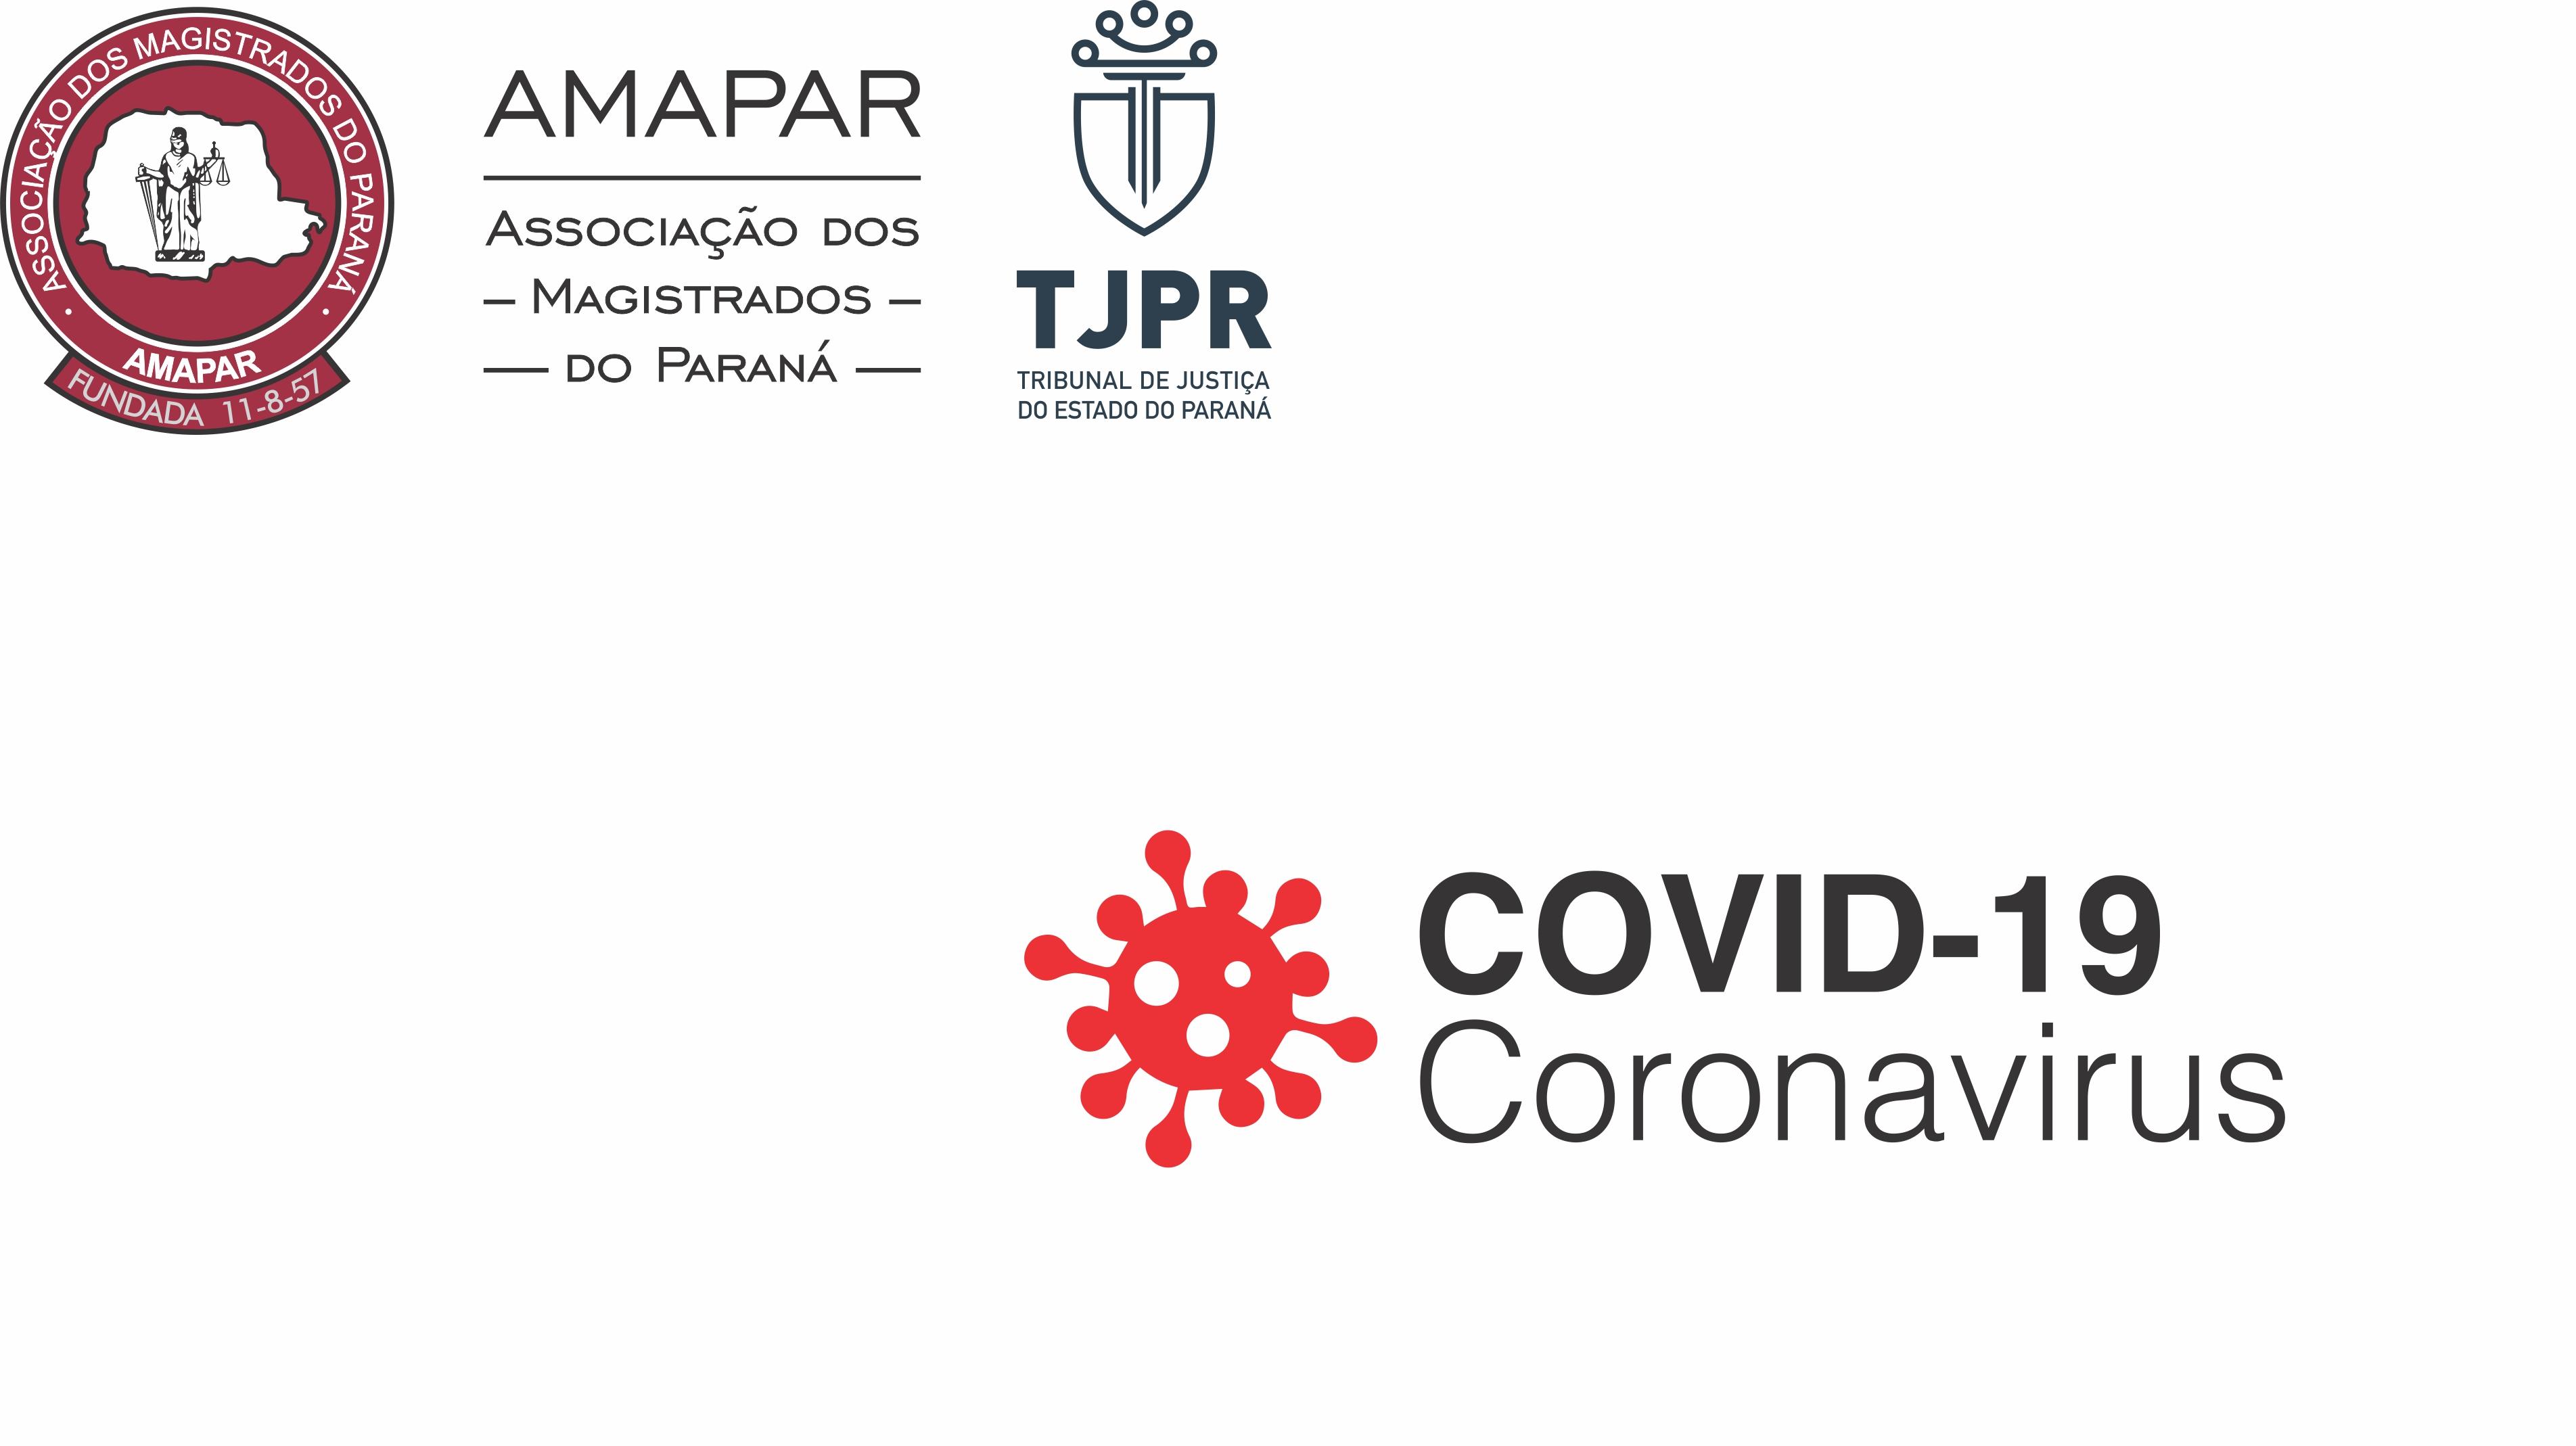 Medidas necessárias em relação à pandemia de COVID-19